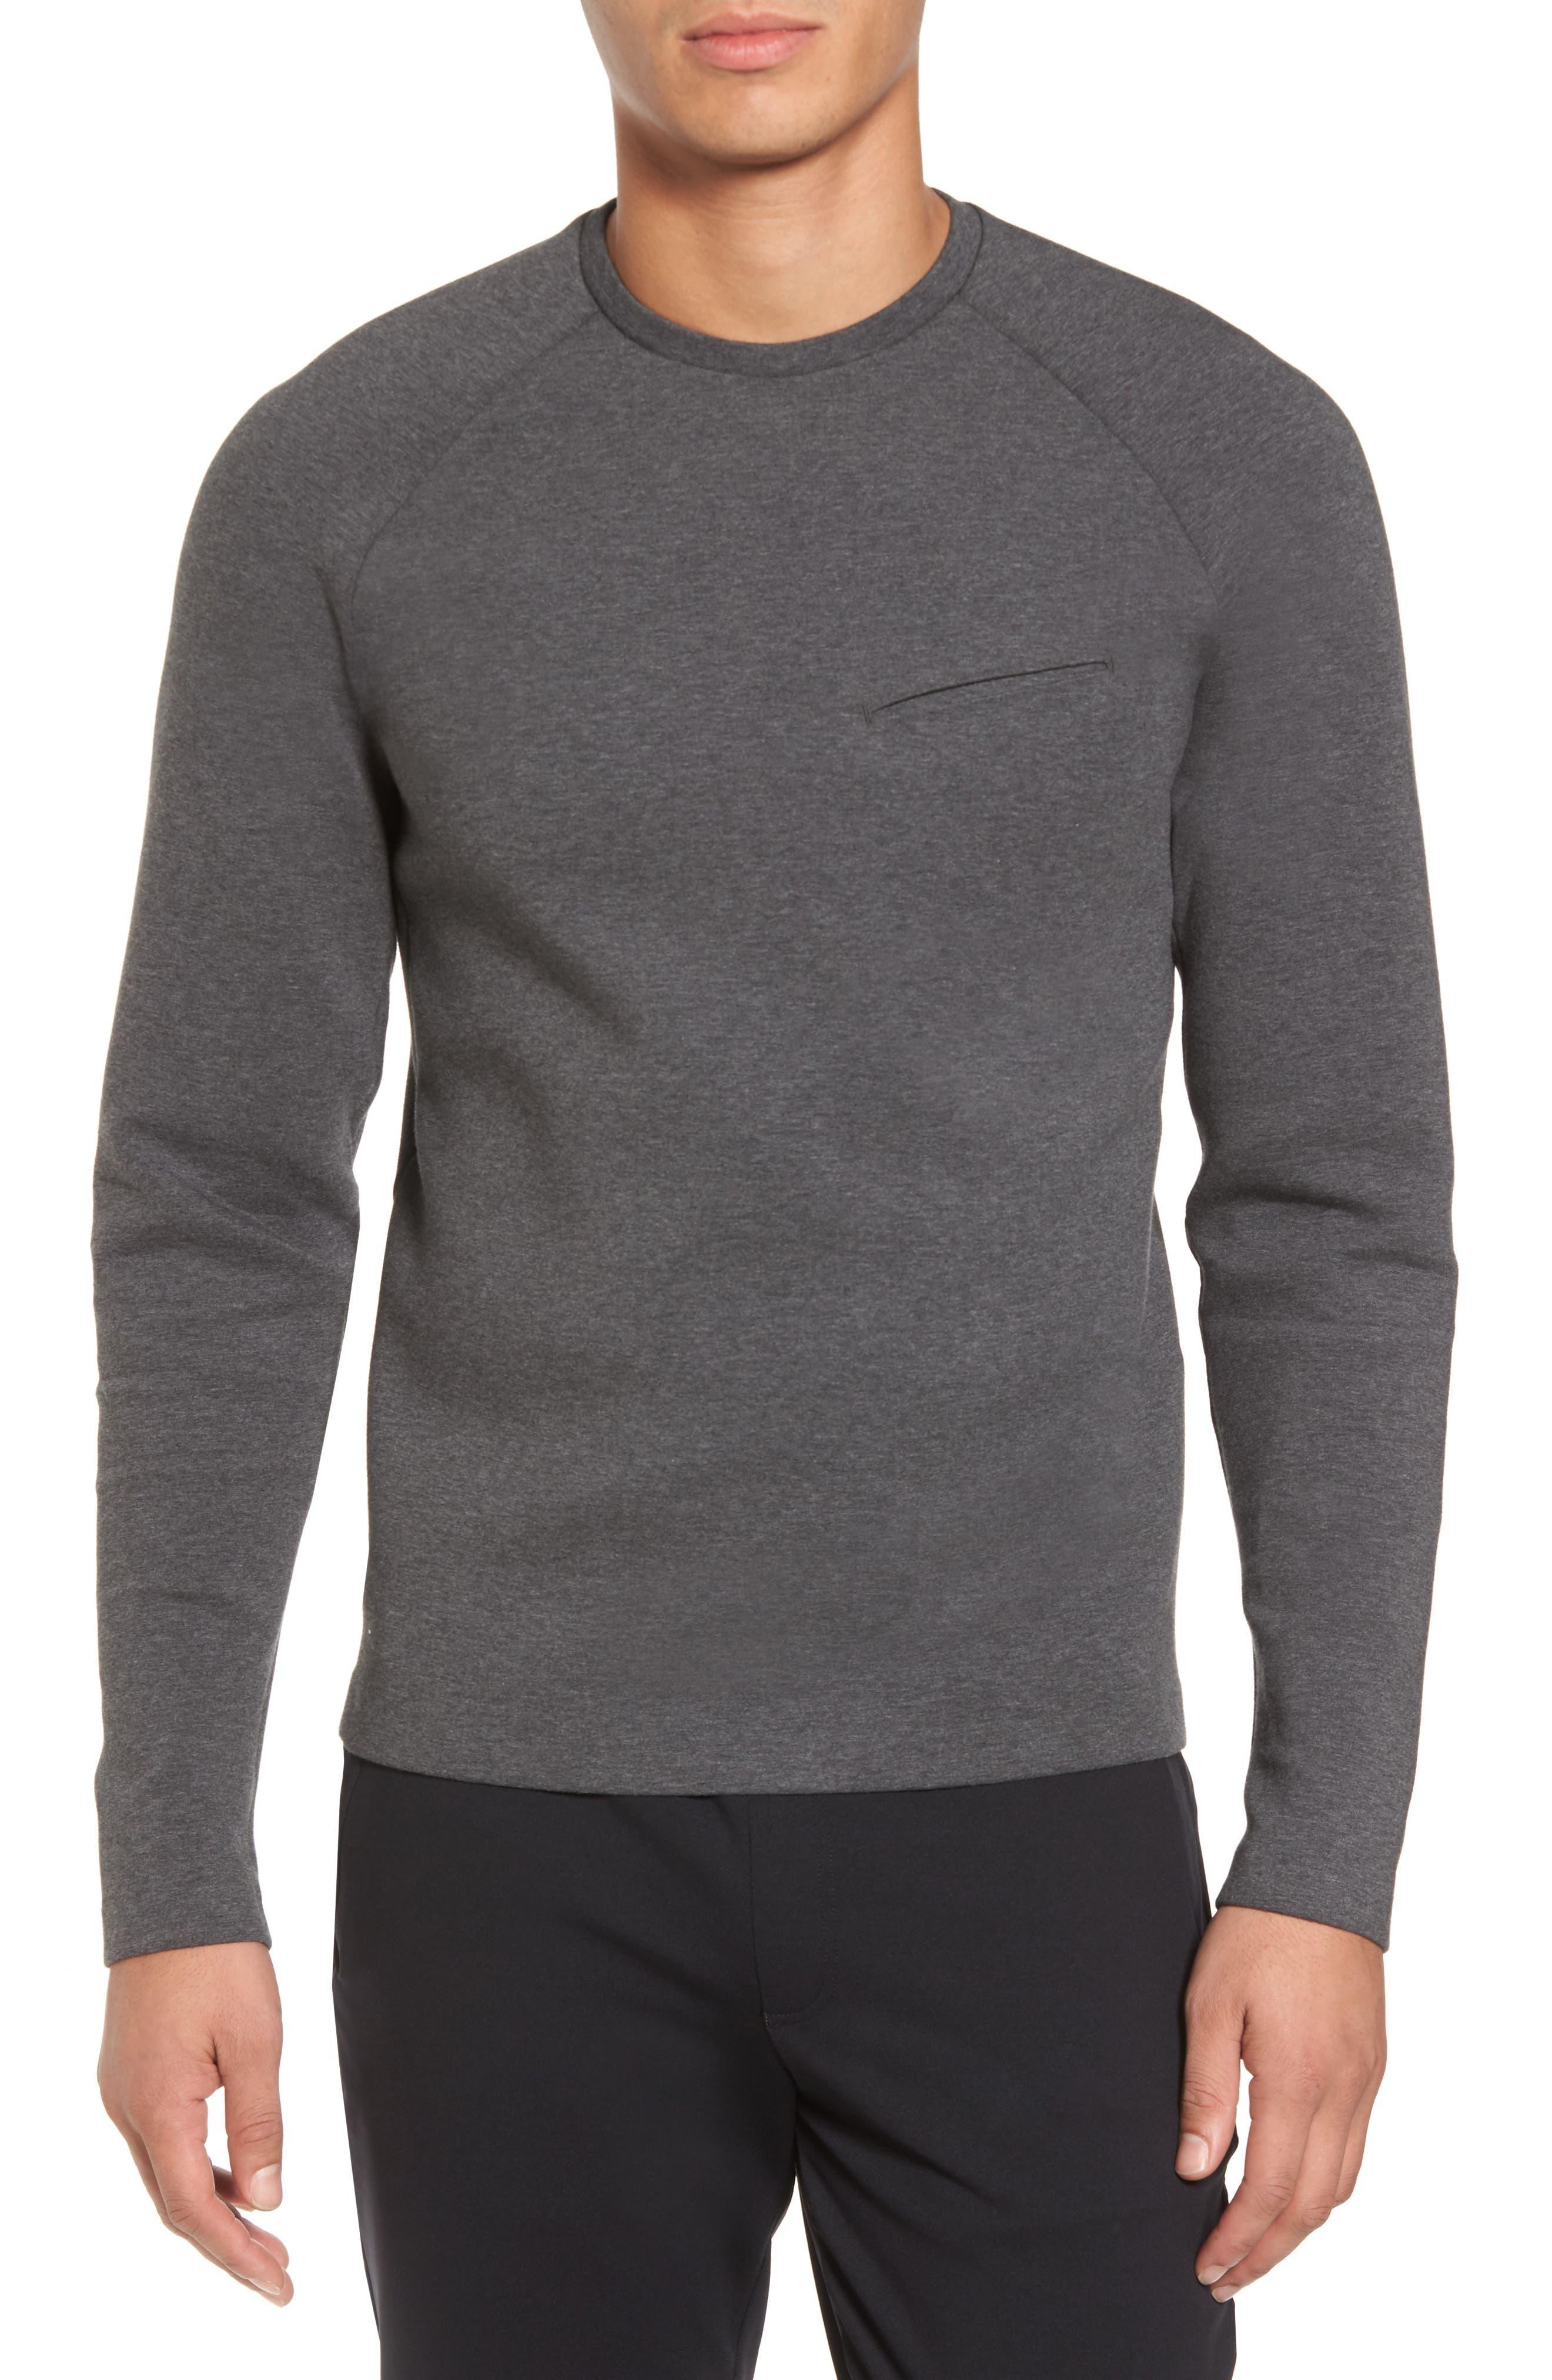 Ethos Cotton Blend Sweater,                         Main,                         color, 021